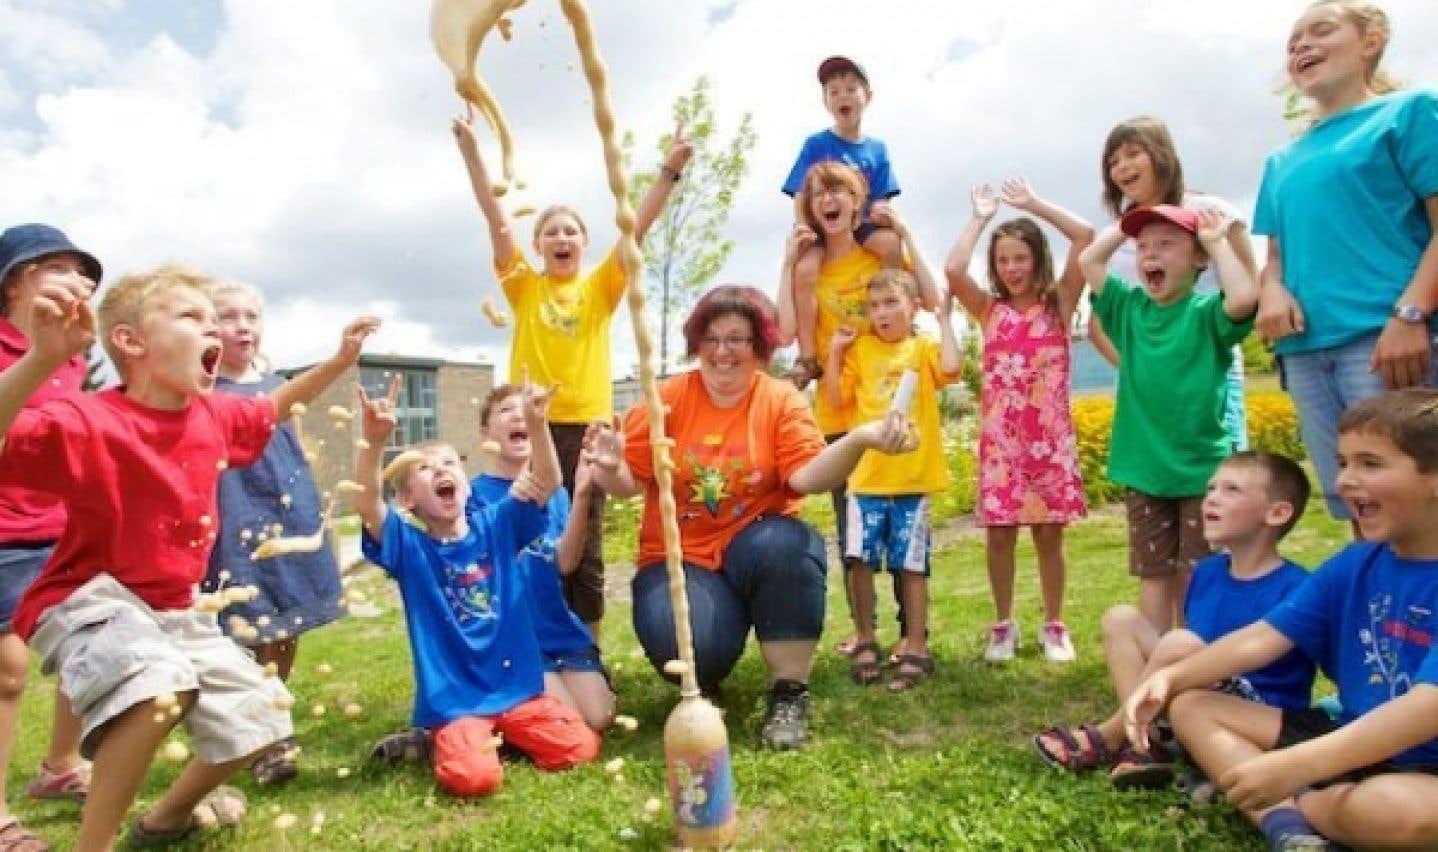 Chaque année, près de 42 000 jeunes participent à l'une ou l'autre des activités offertes par le Club des Débrouillards